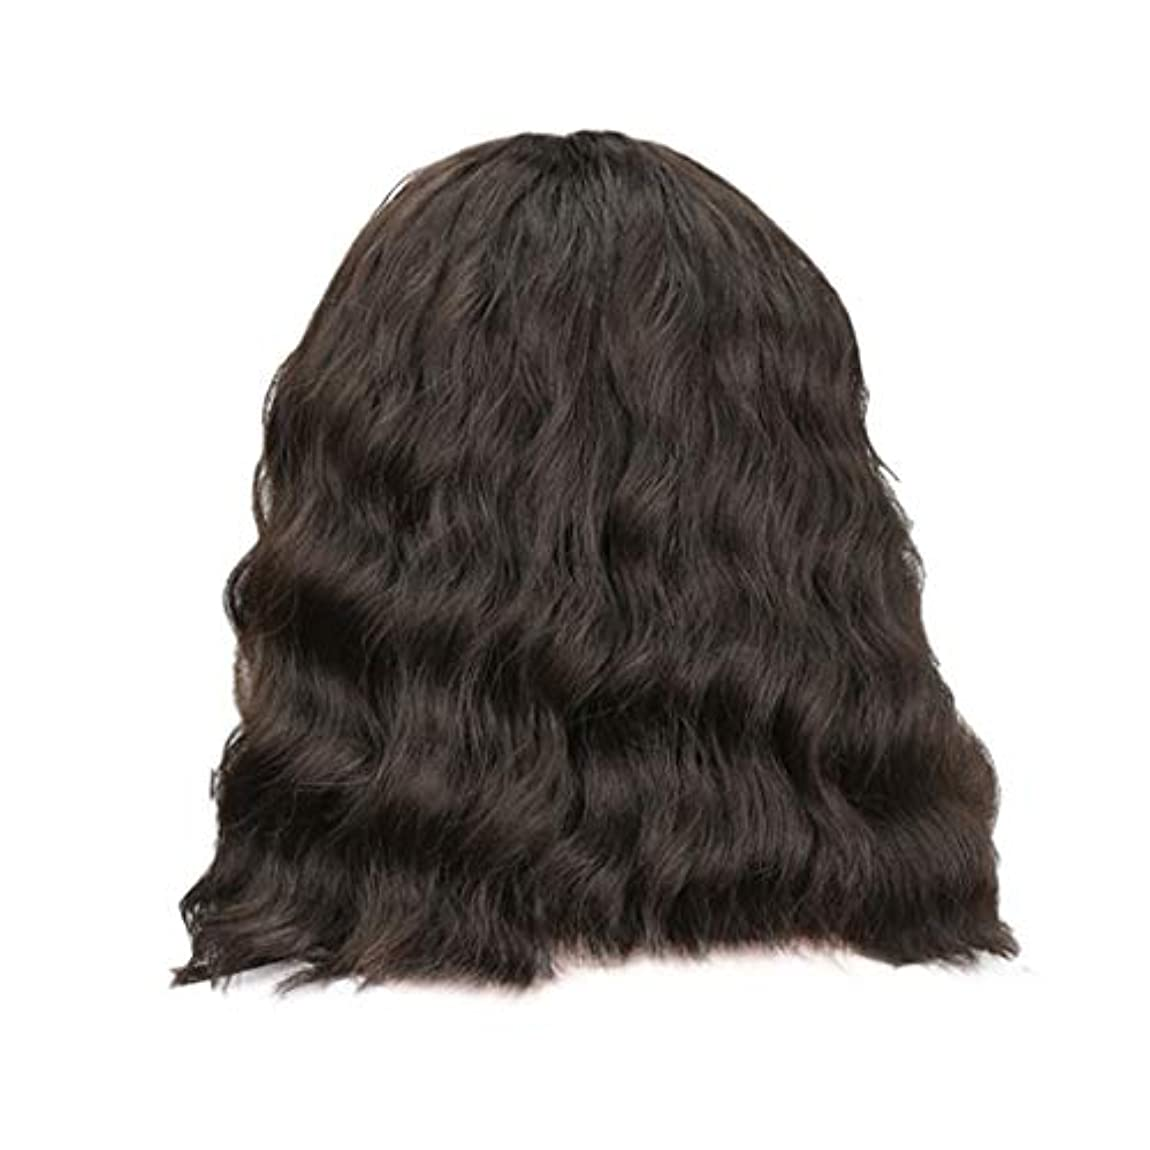 フラグラントビート散歩女性の黒の短い巻き毛のかつらボブ波かつらローズネット34 cm